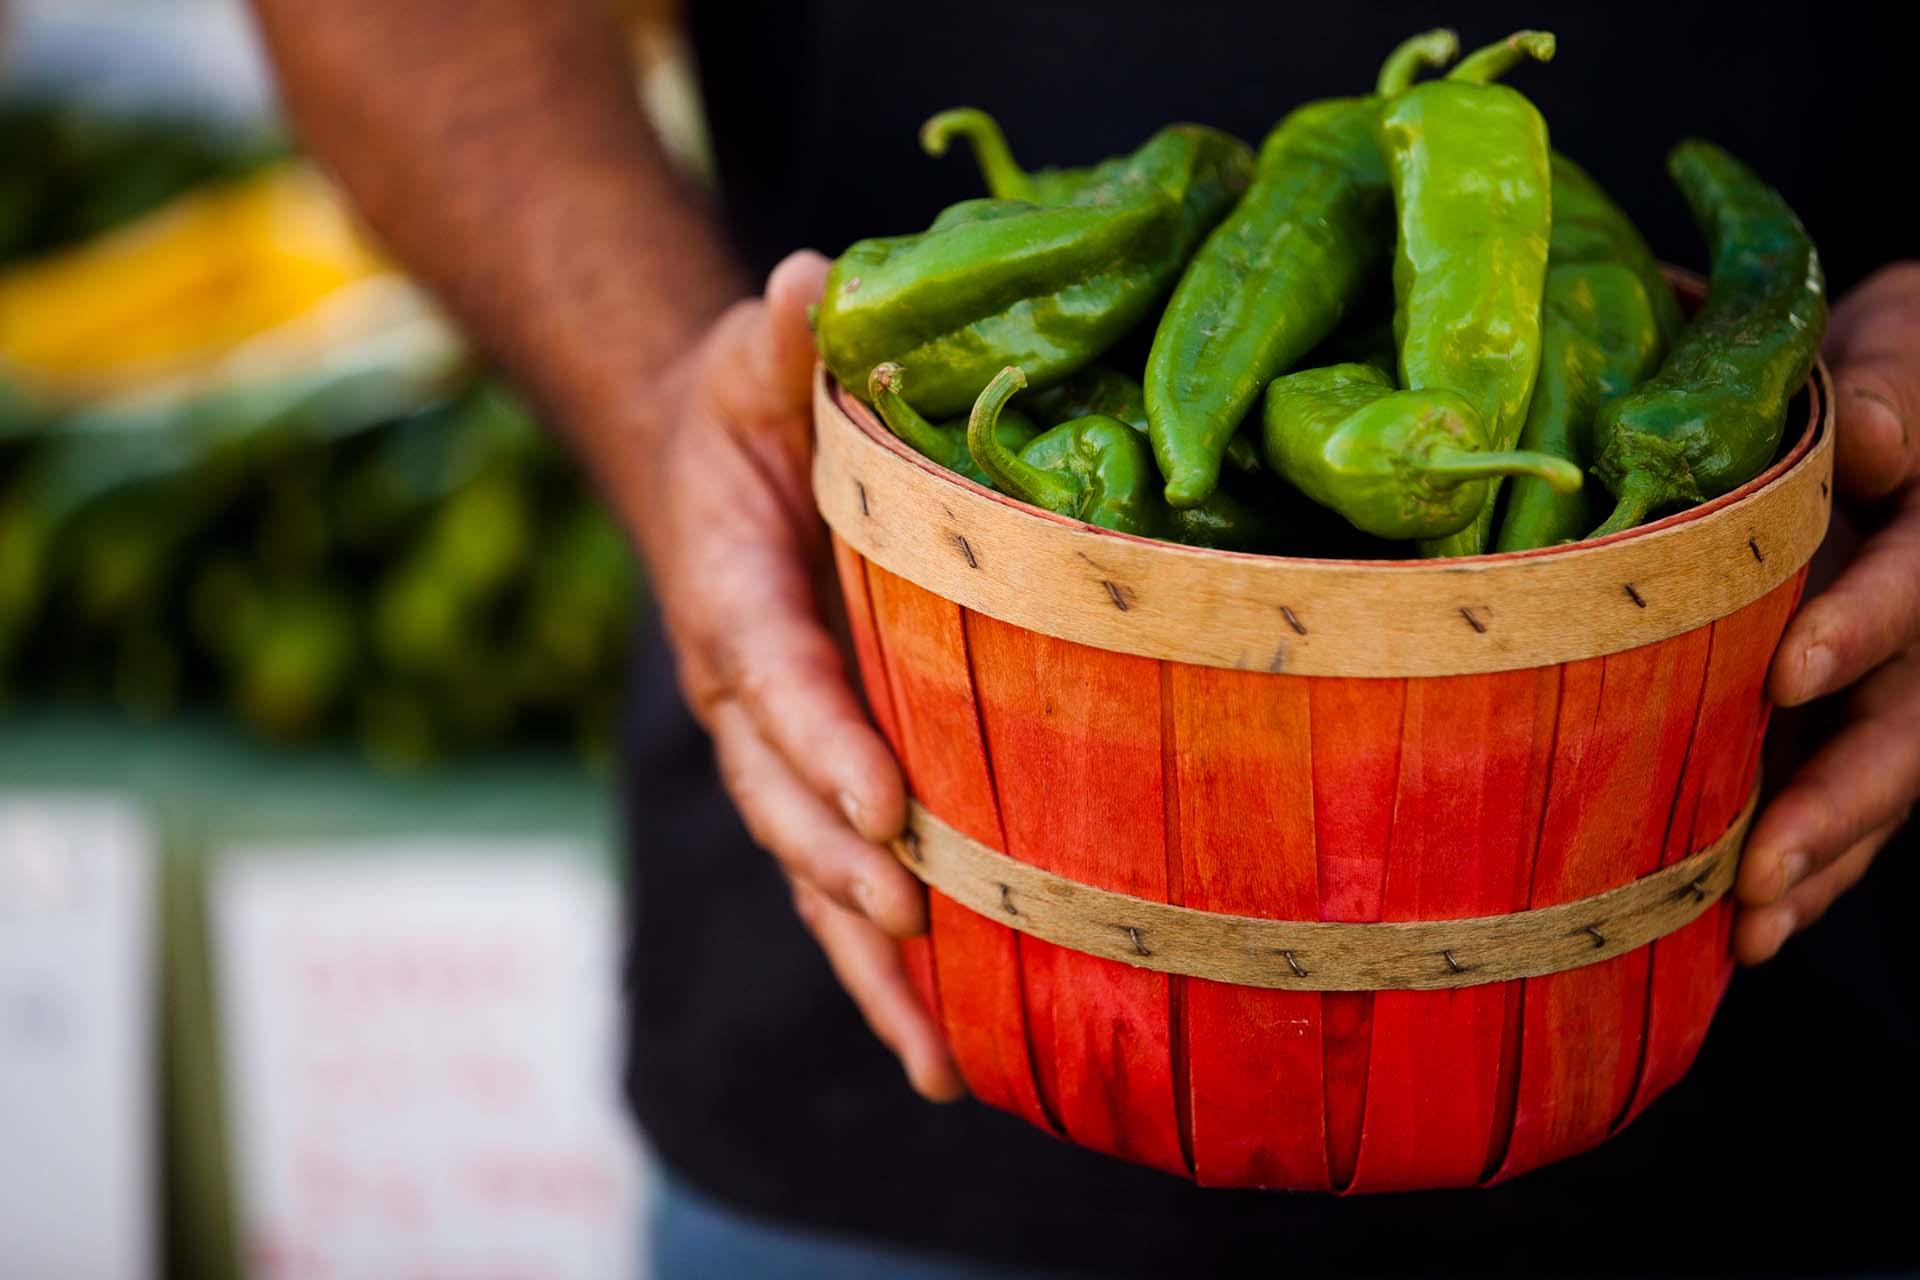 Novo México O green chile produzido nas fazendas de Santa Fe (Foto: Turismo de Santa Fe/Divulgação)